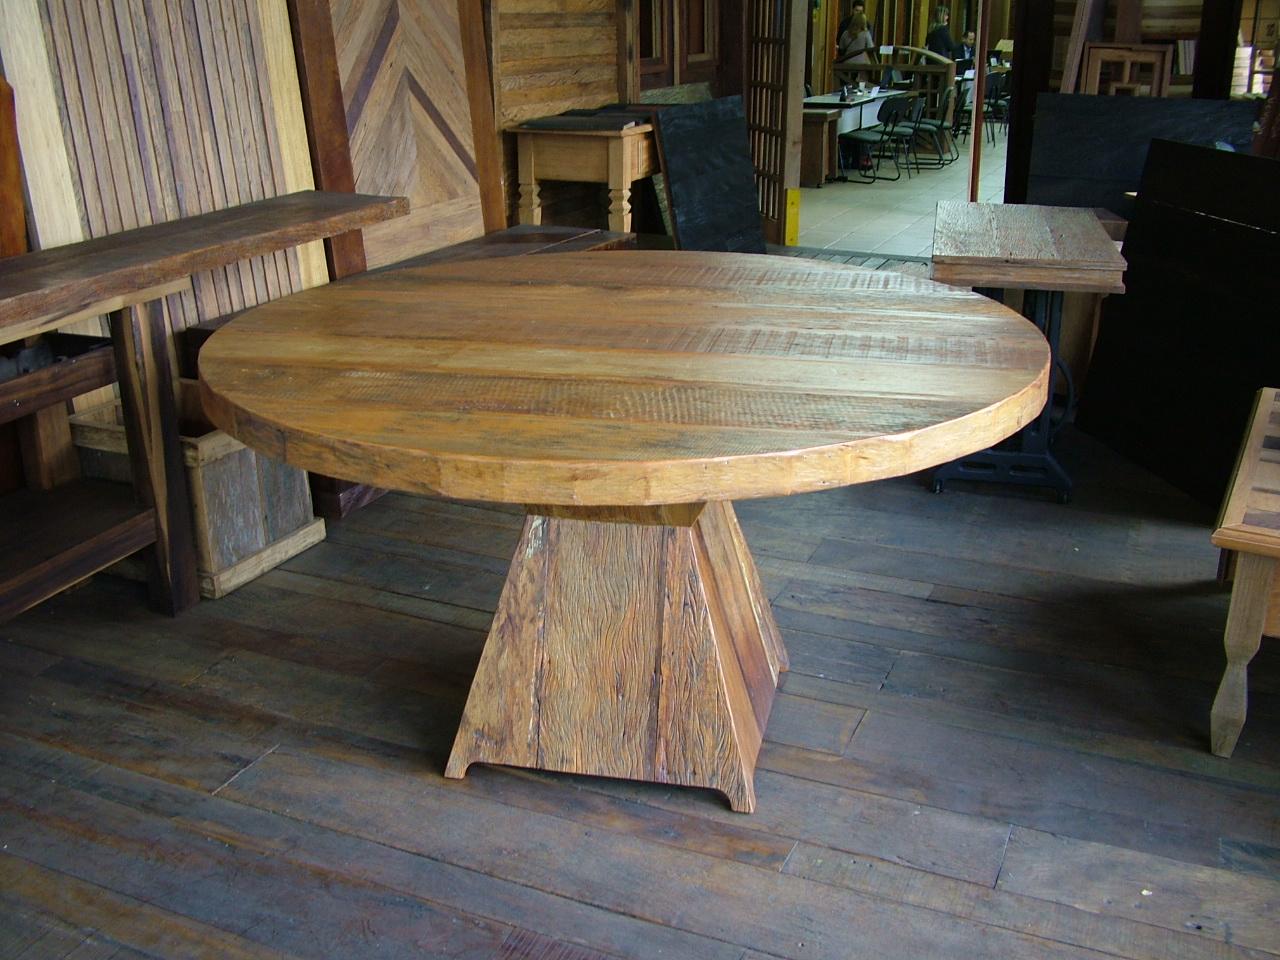 mesa de centro em madeira de demolicao Madeira de Demolição #614930 1280x960